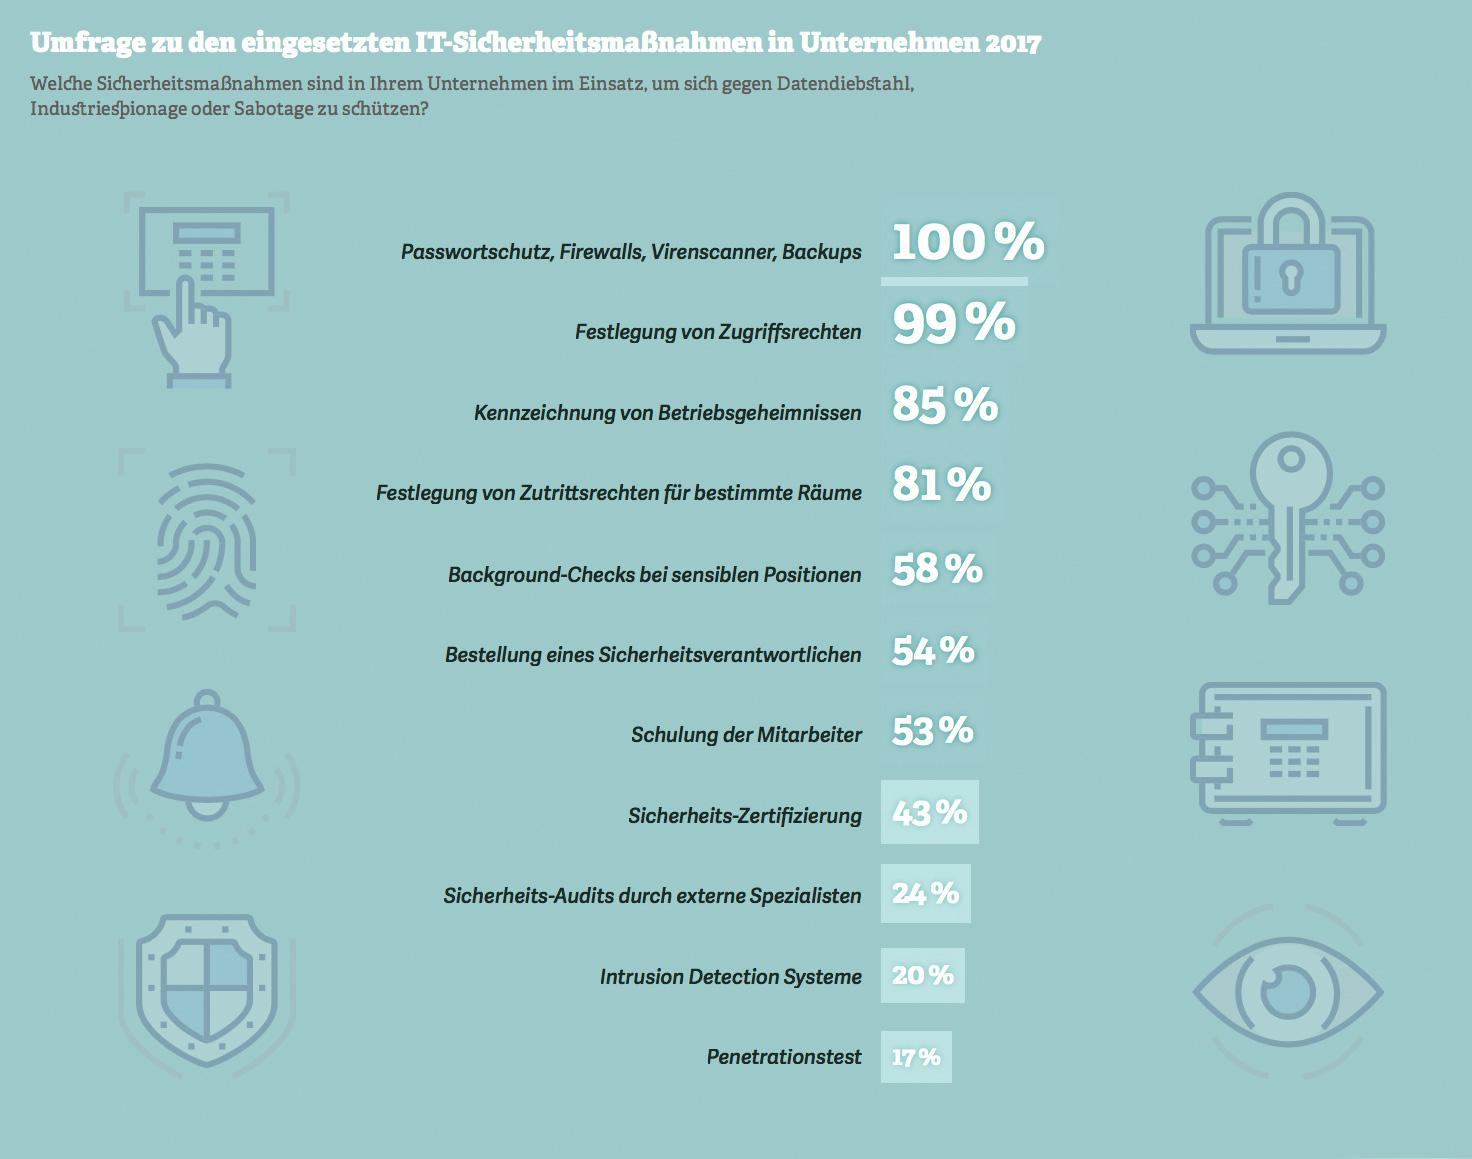 Grafik mit Umfrage zu eingesetzten IT-Sicherheitsmaßnahmen in Unternehmen 2017. Quelle: Bitkom, 2017